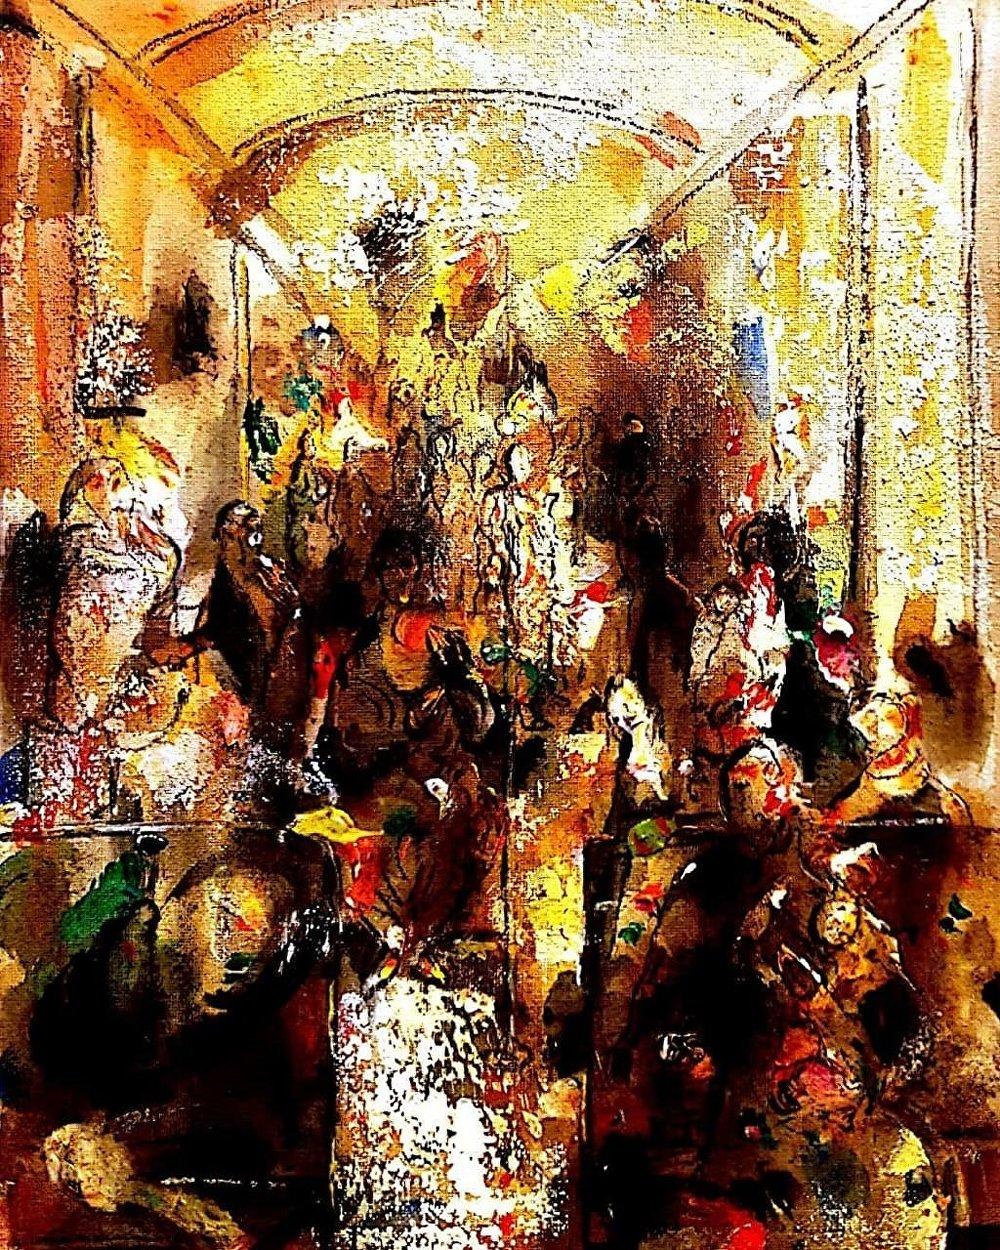 إحدى لوحات الفنان حمود شنتوت